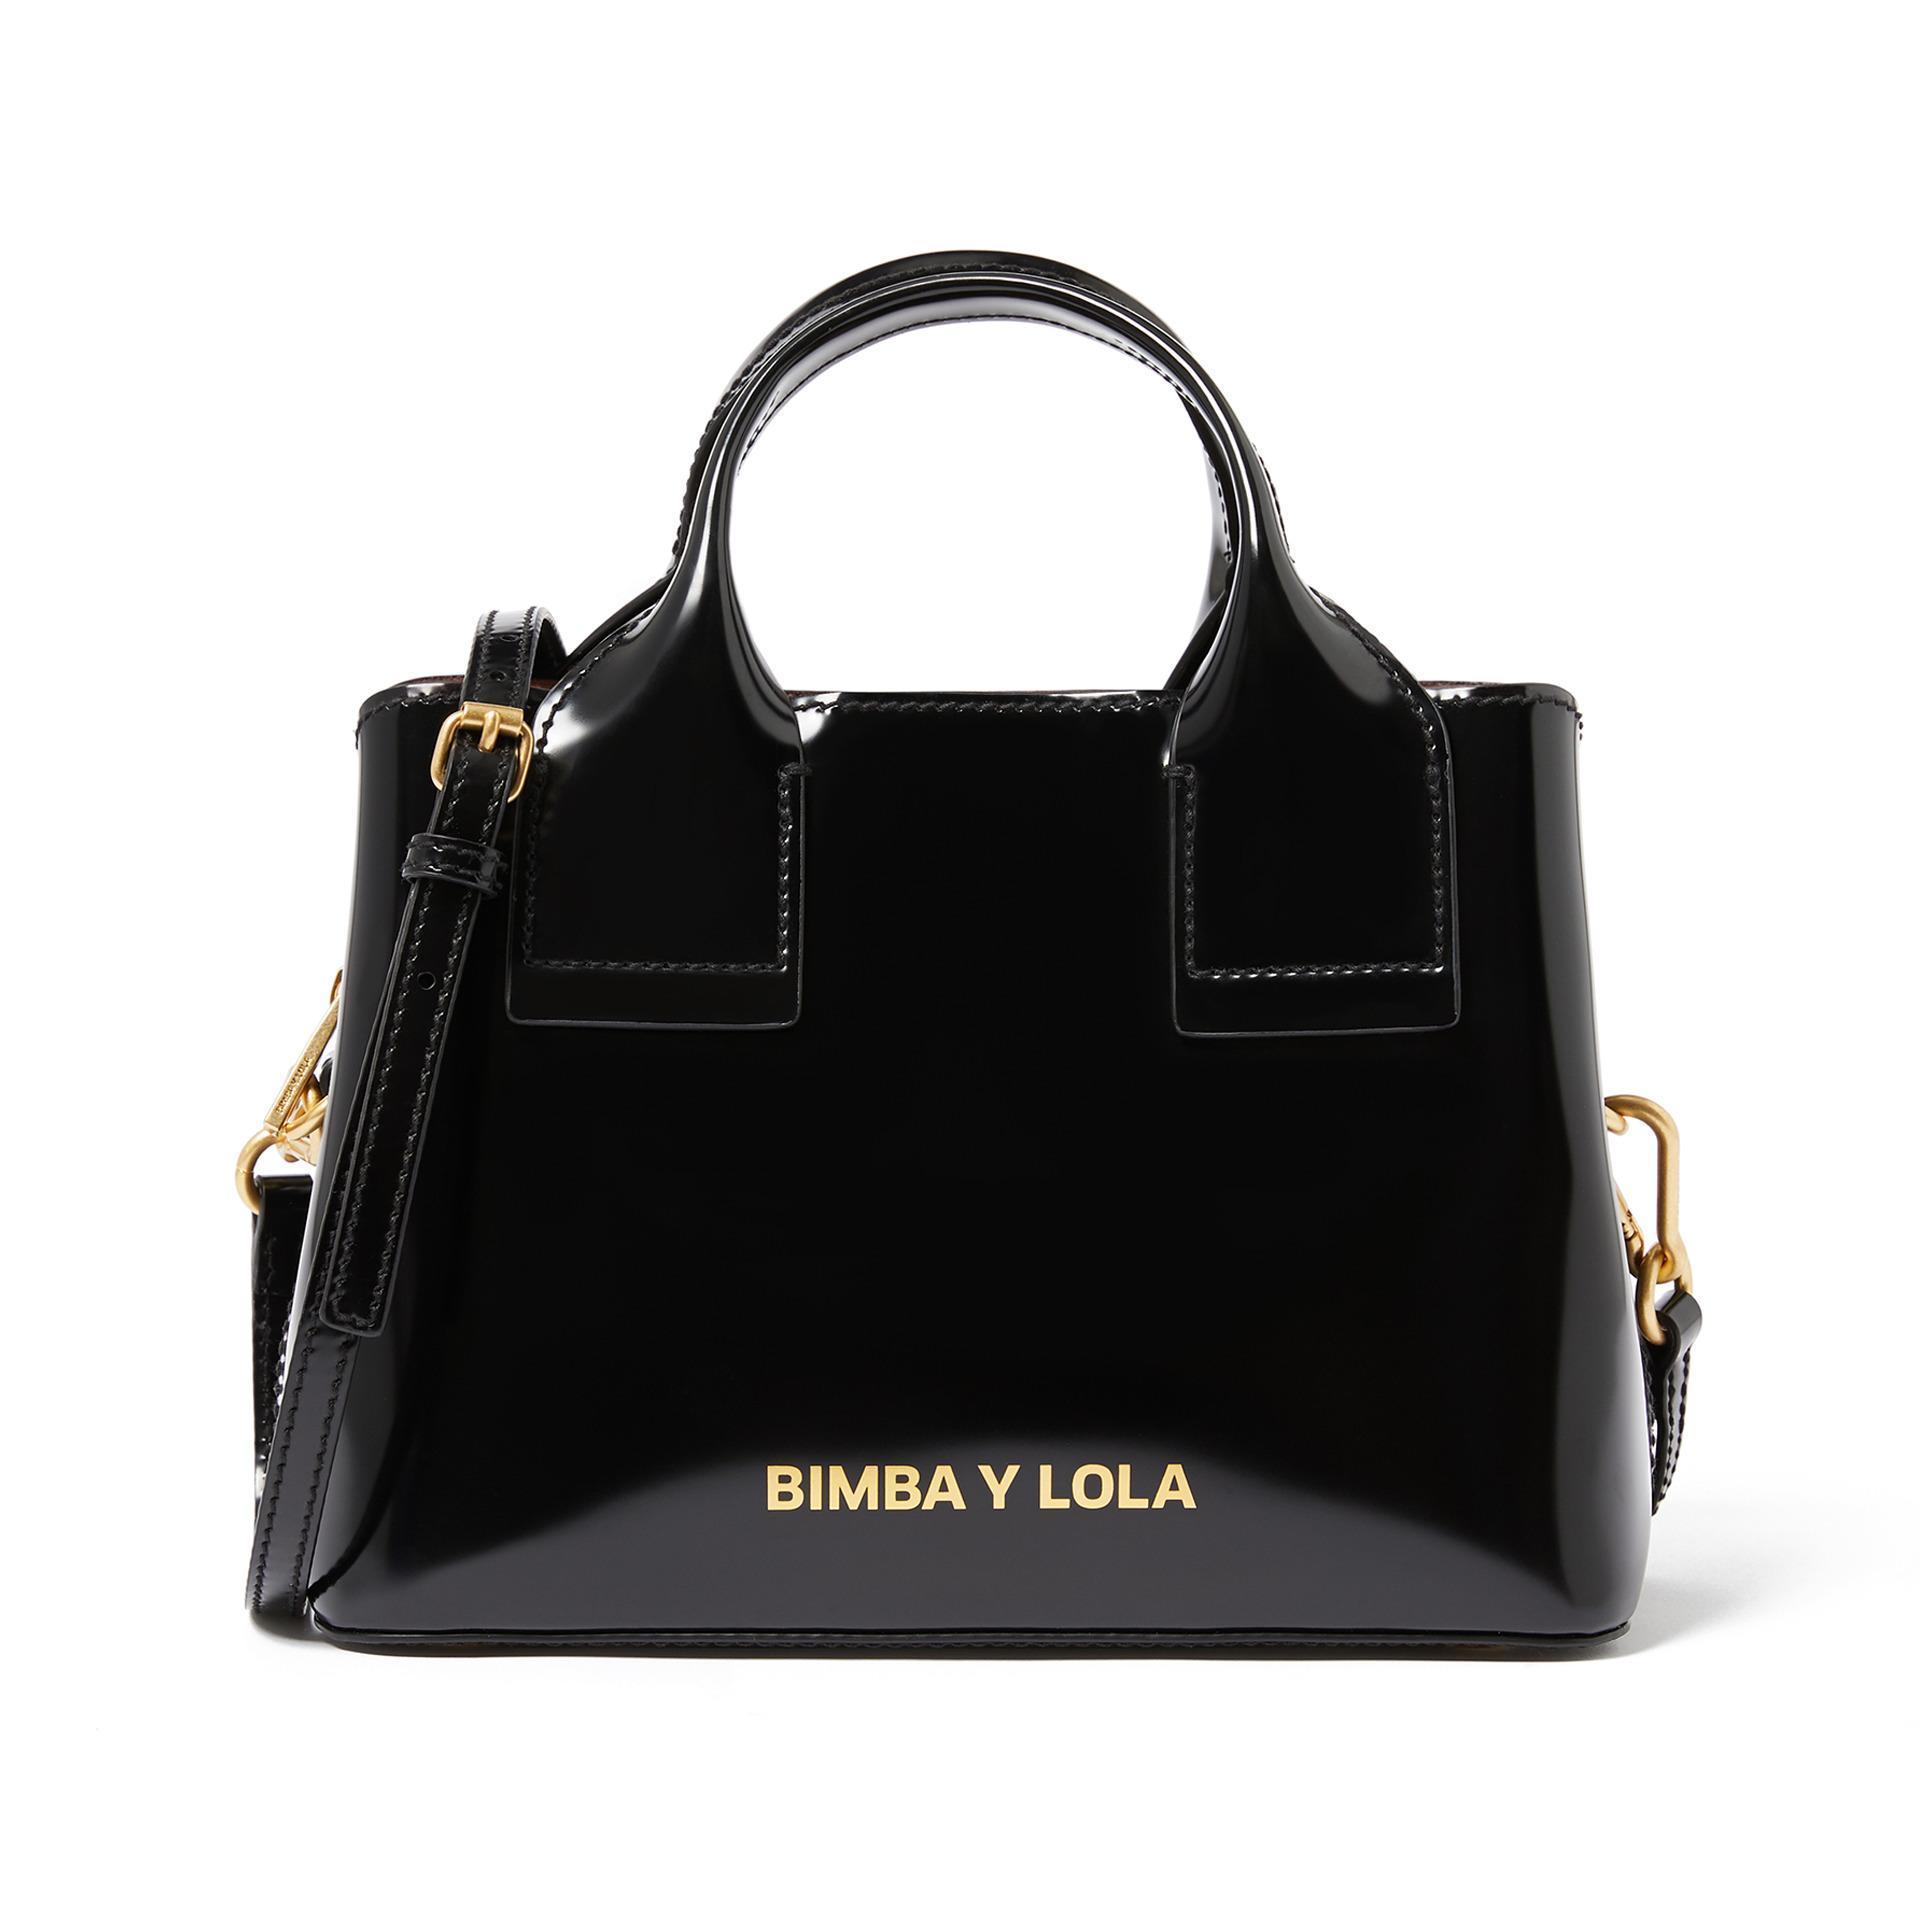 seleccione para mejor estilo novedoso bastante baratas 5 bolsos de Bimba y Lola que vale la pena comprar en rebajas ...